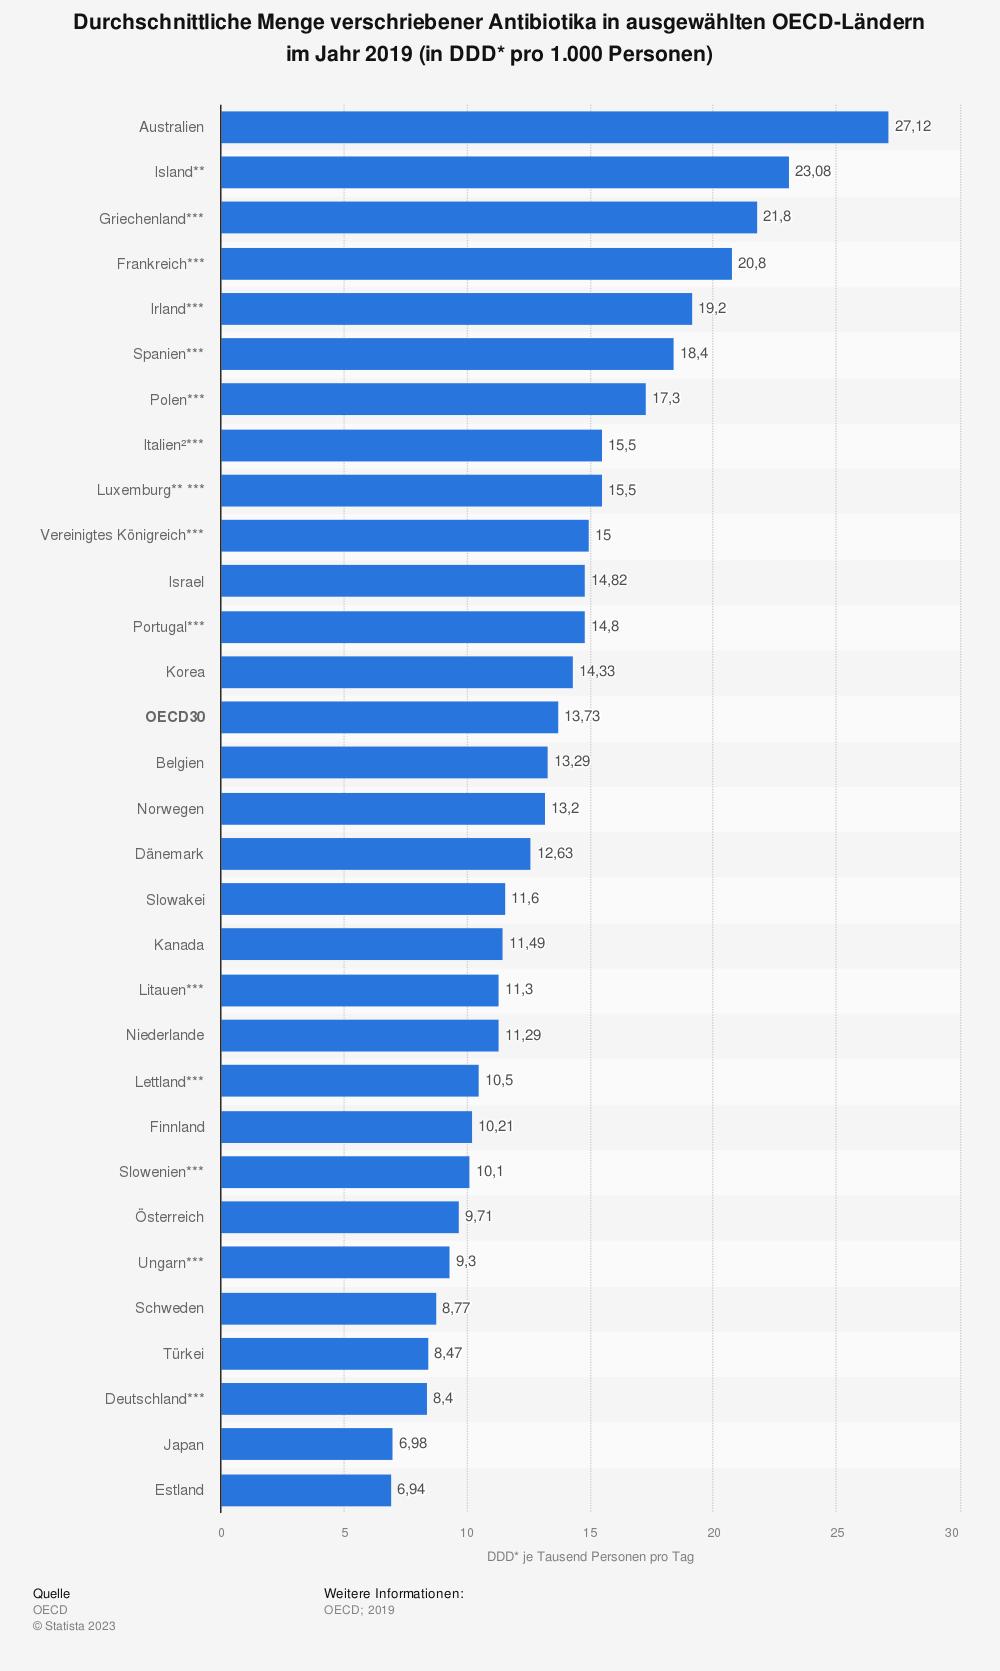 Statistik: Durchschnittliche Menge verschriebener Antibiotika in ausgewählten OECD-Ländern im Jahr 2015 (in DDD* pro 1.000 Personen) | Statista